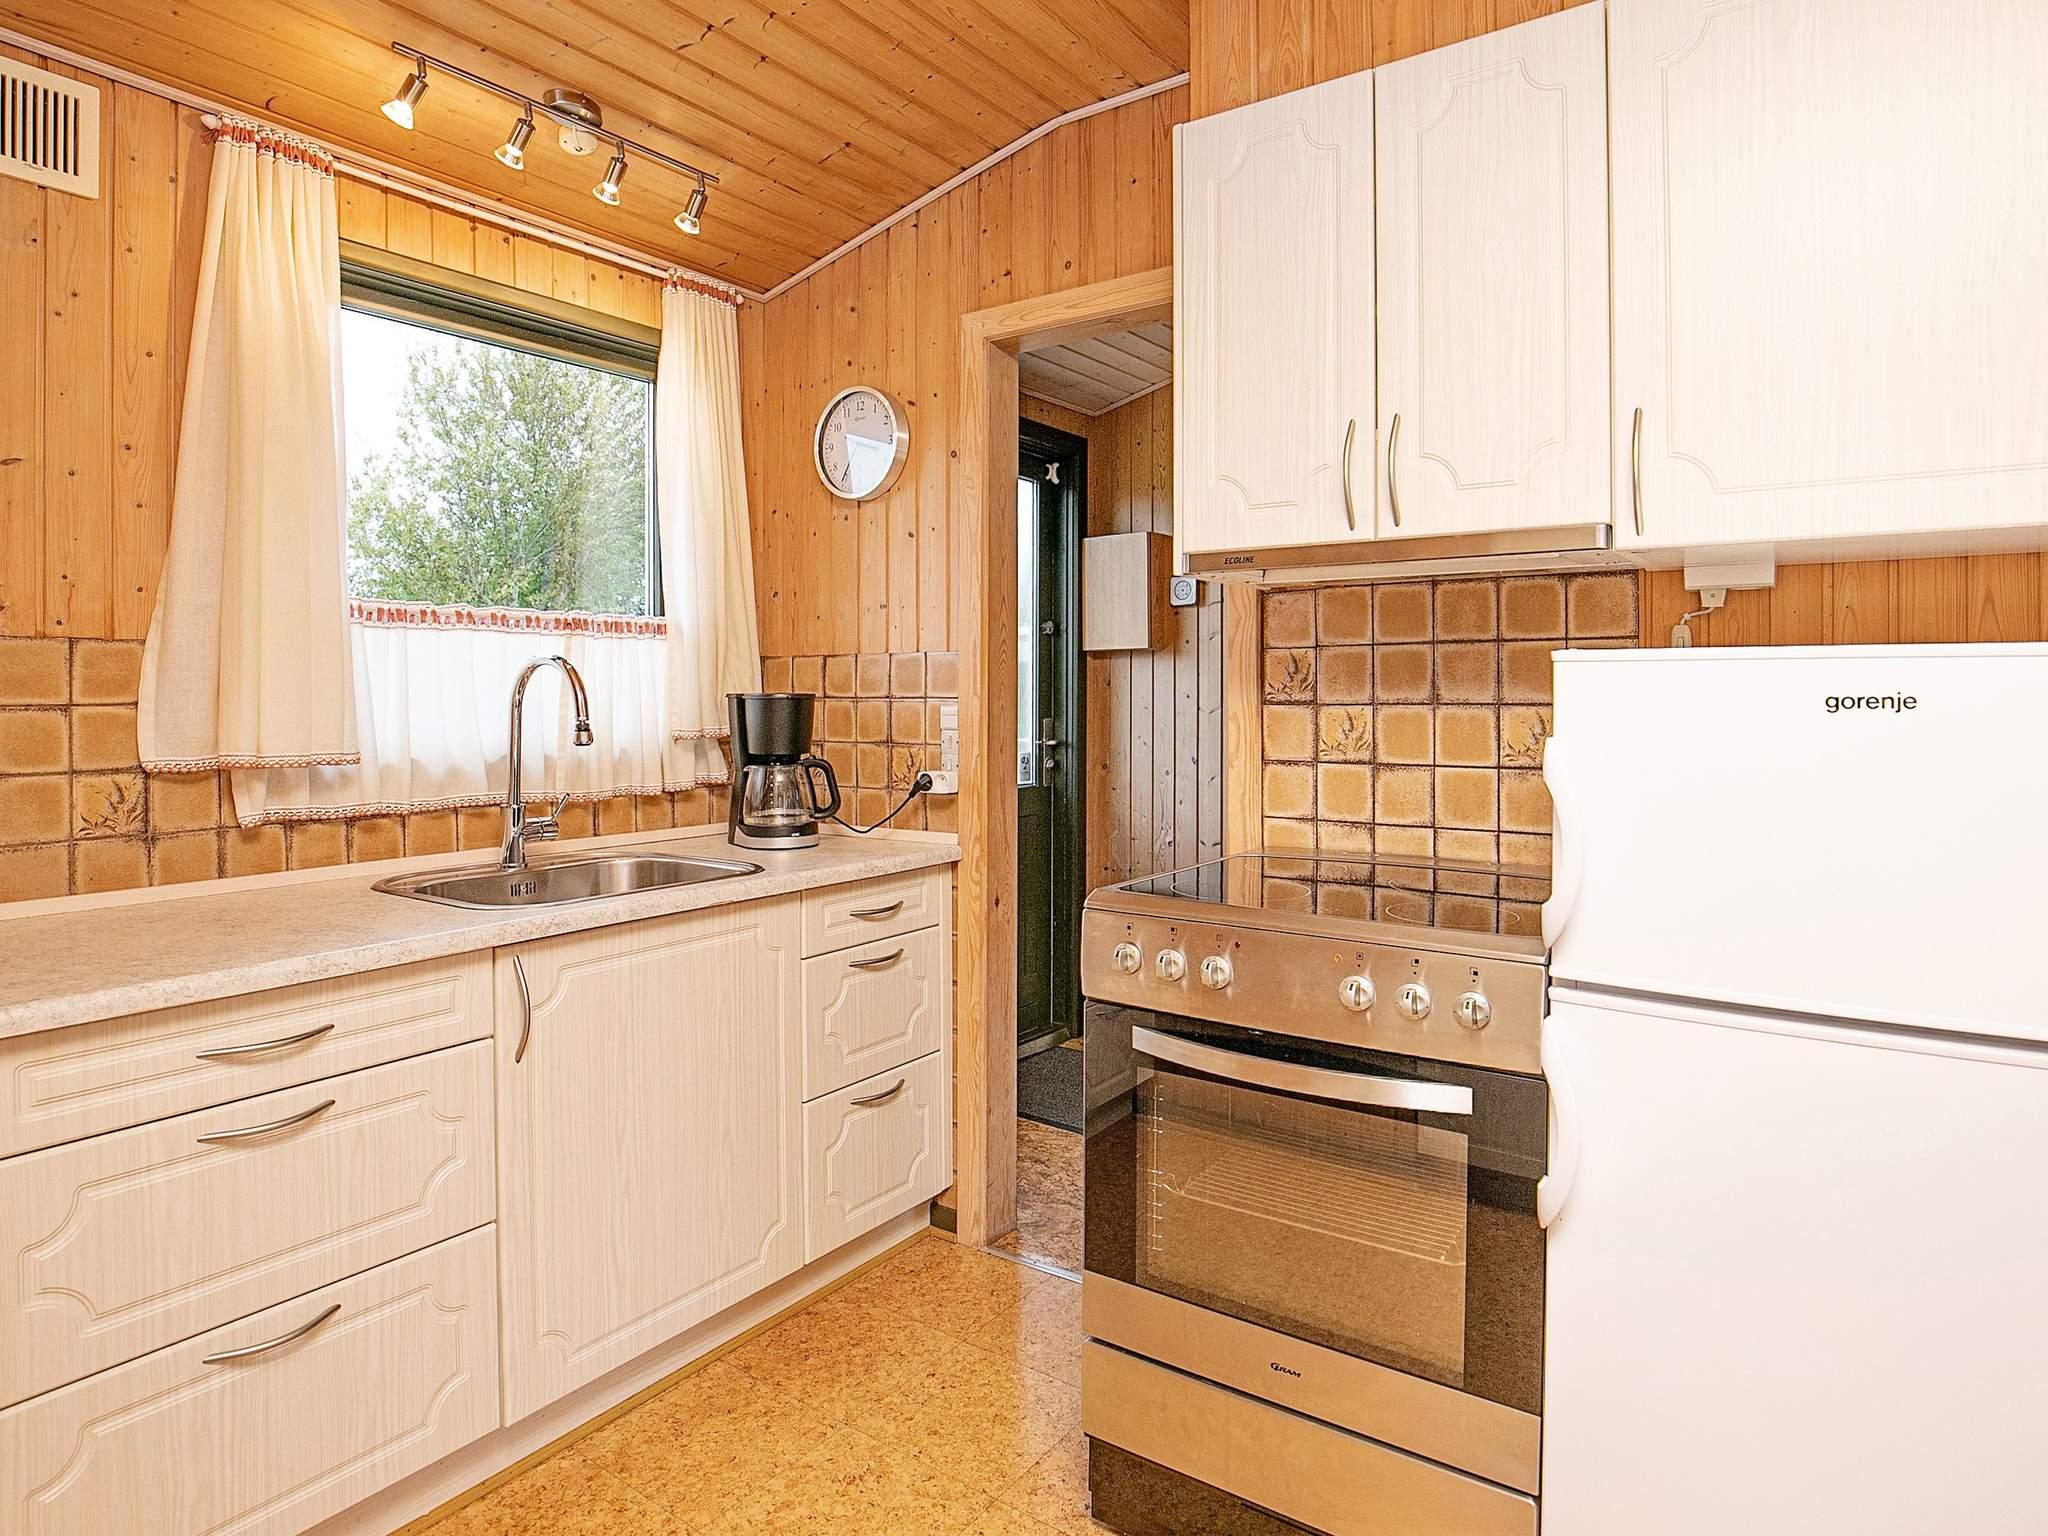 Ferienhaus Hummingen (87269), Hummingen, , Lolland, Dänemark, Bild 2